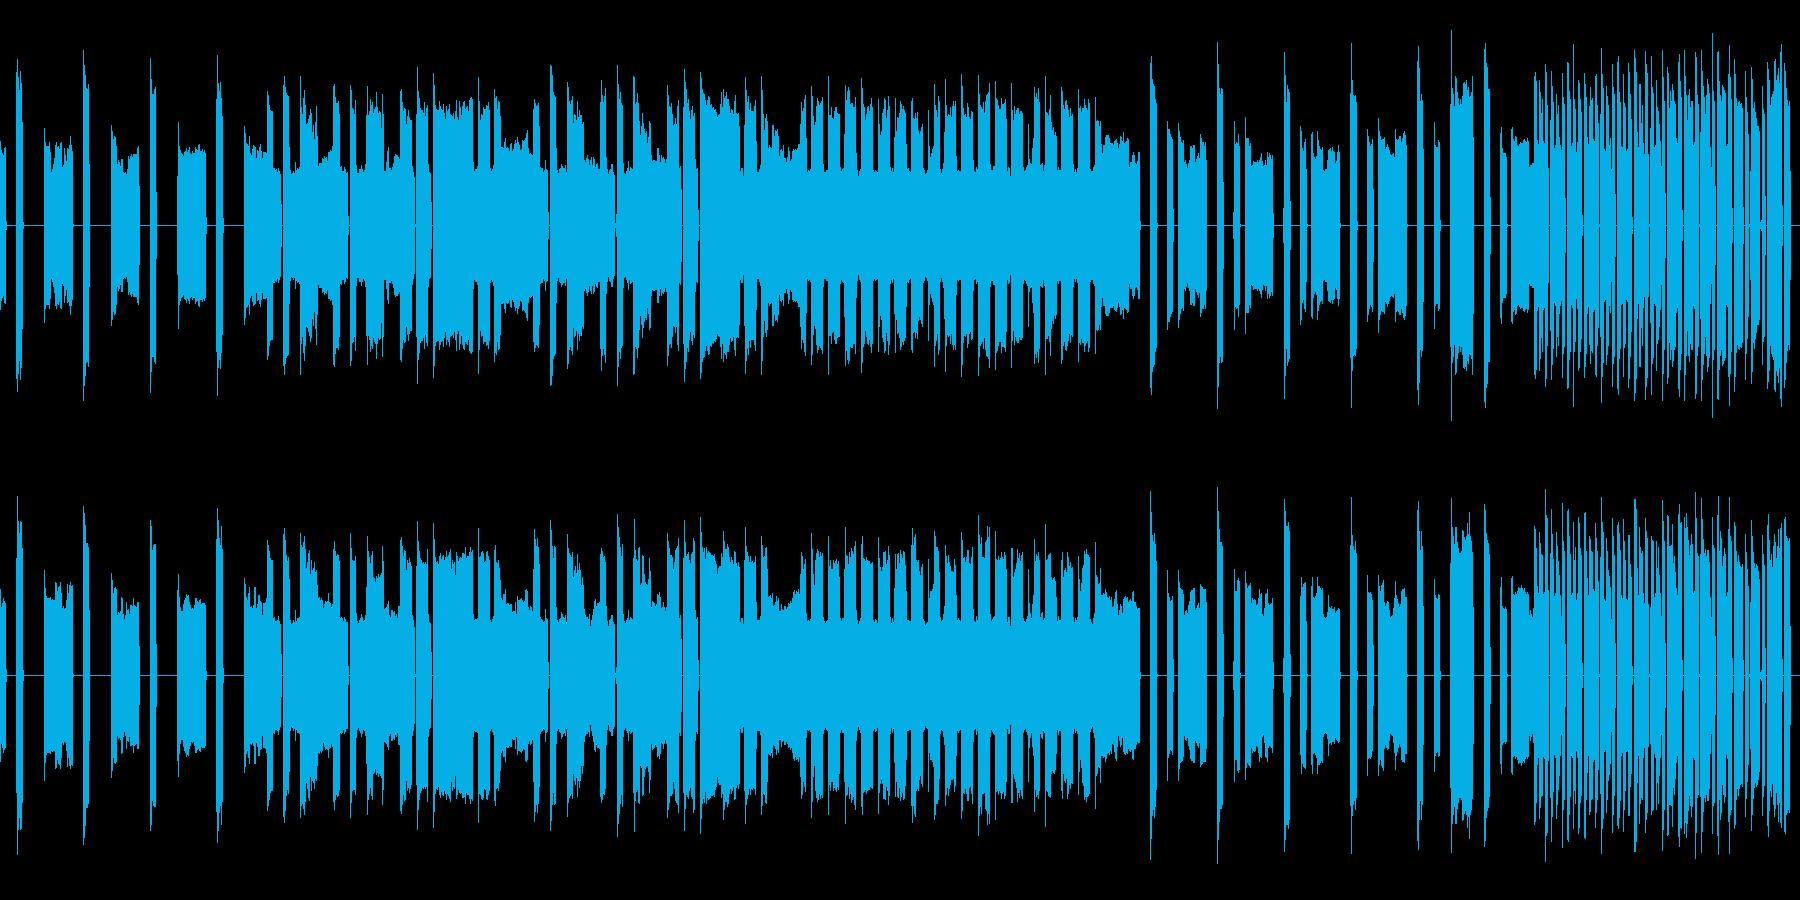 【ループ仕様】脱力系のチープな曲の再生済みの波形